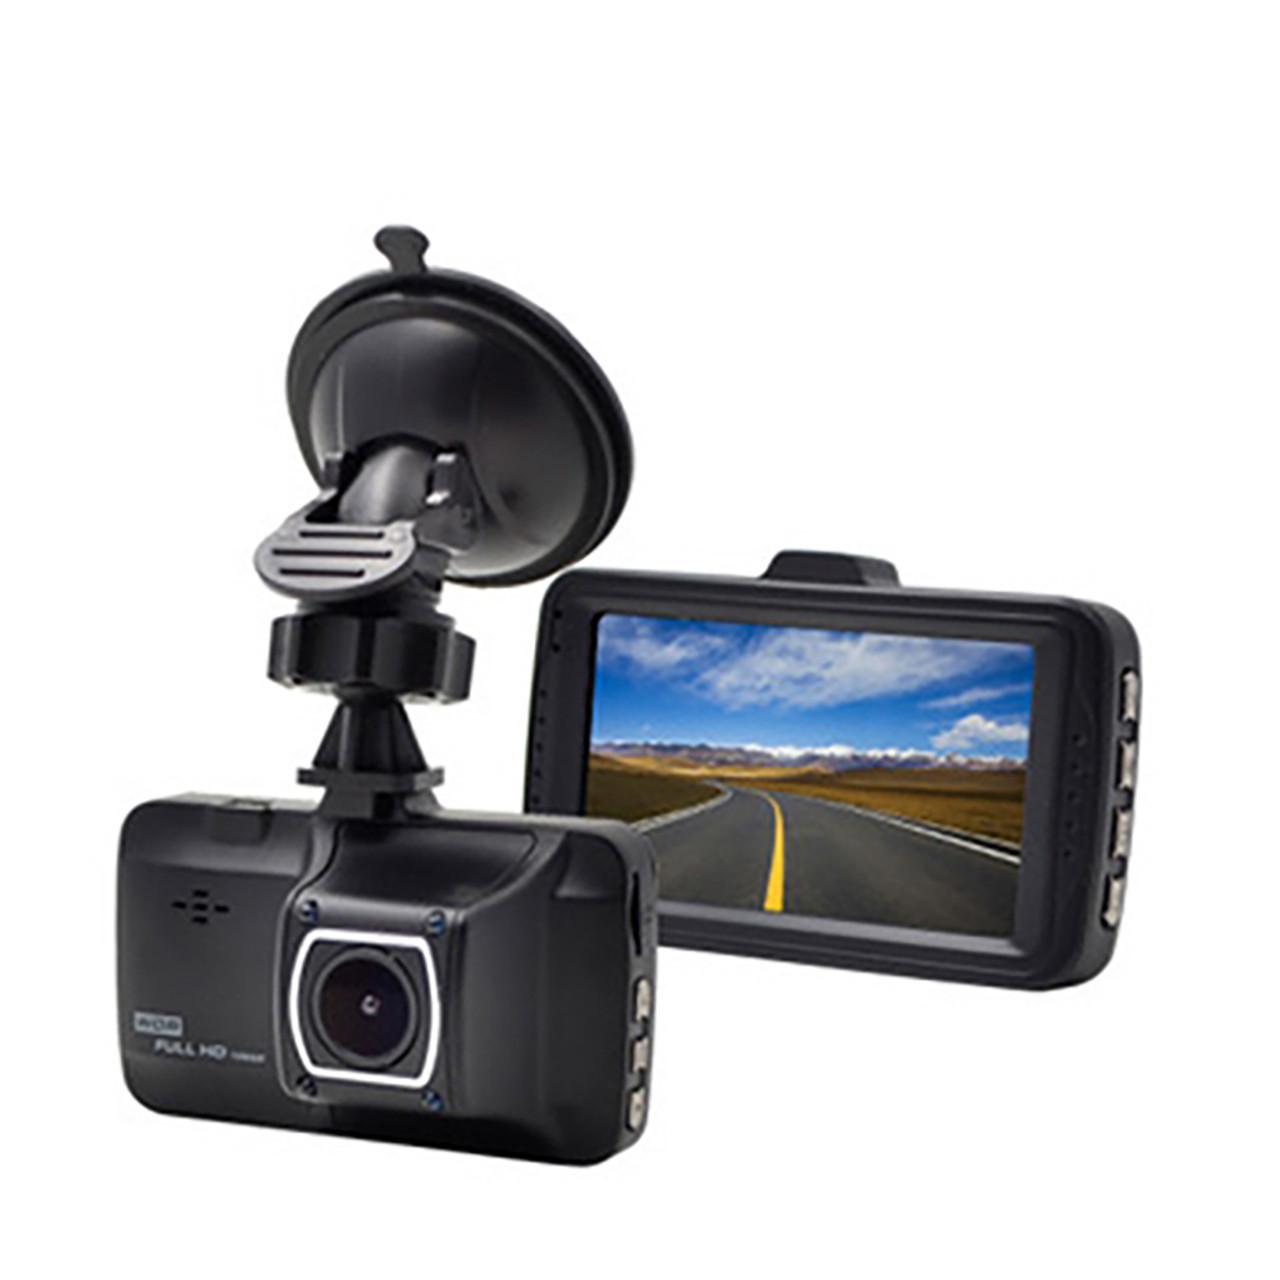 Автомобильный видеорегистратор FH01F | авторегистратор | регистратор авто